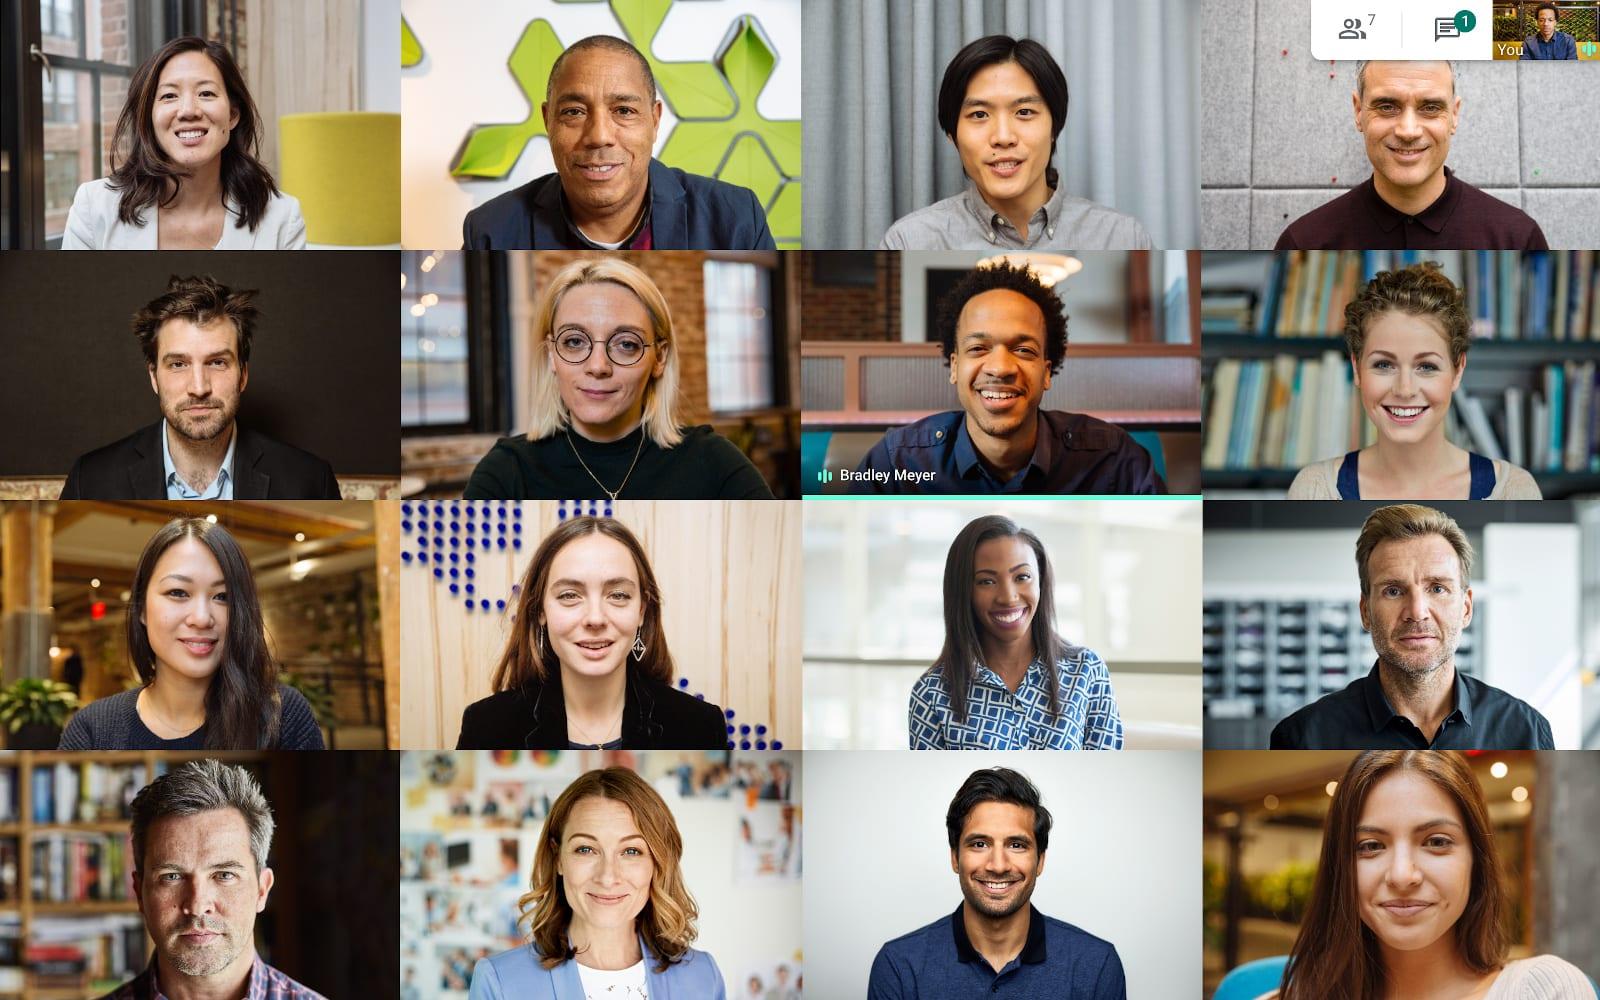 Сервис видеоконференций Google Meet открыли для всех желающих